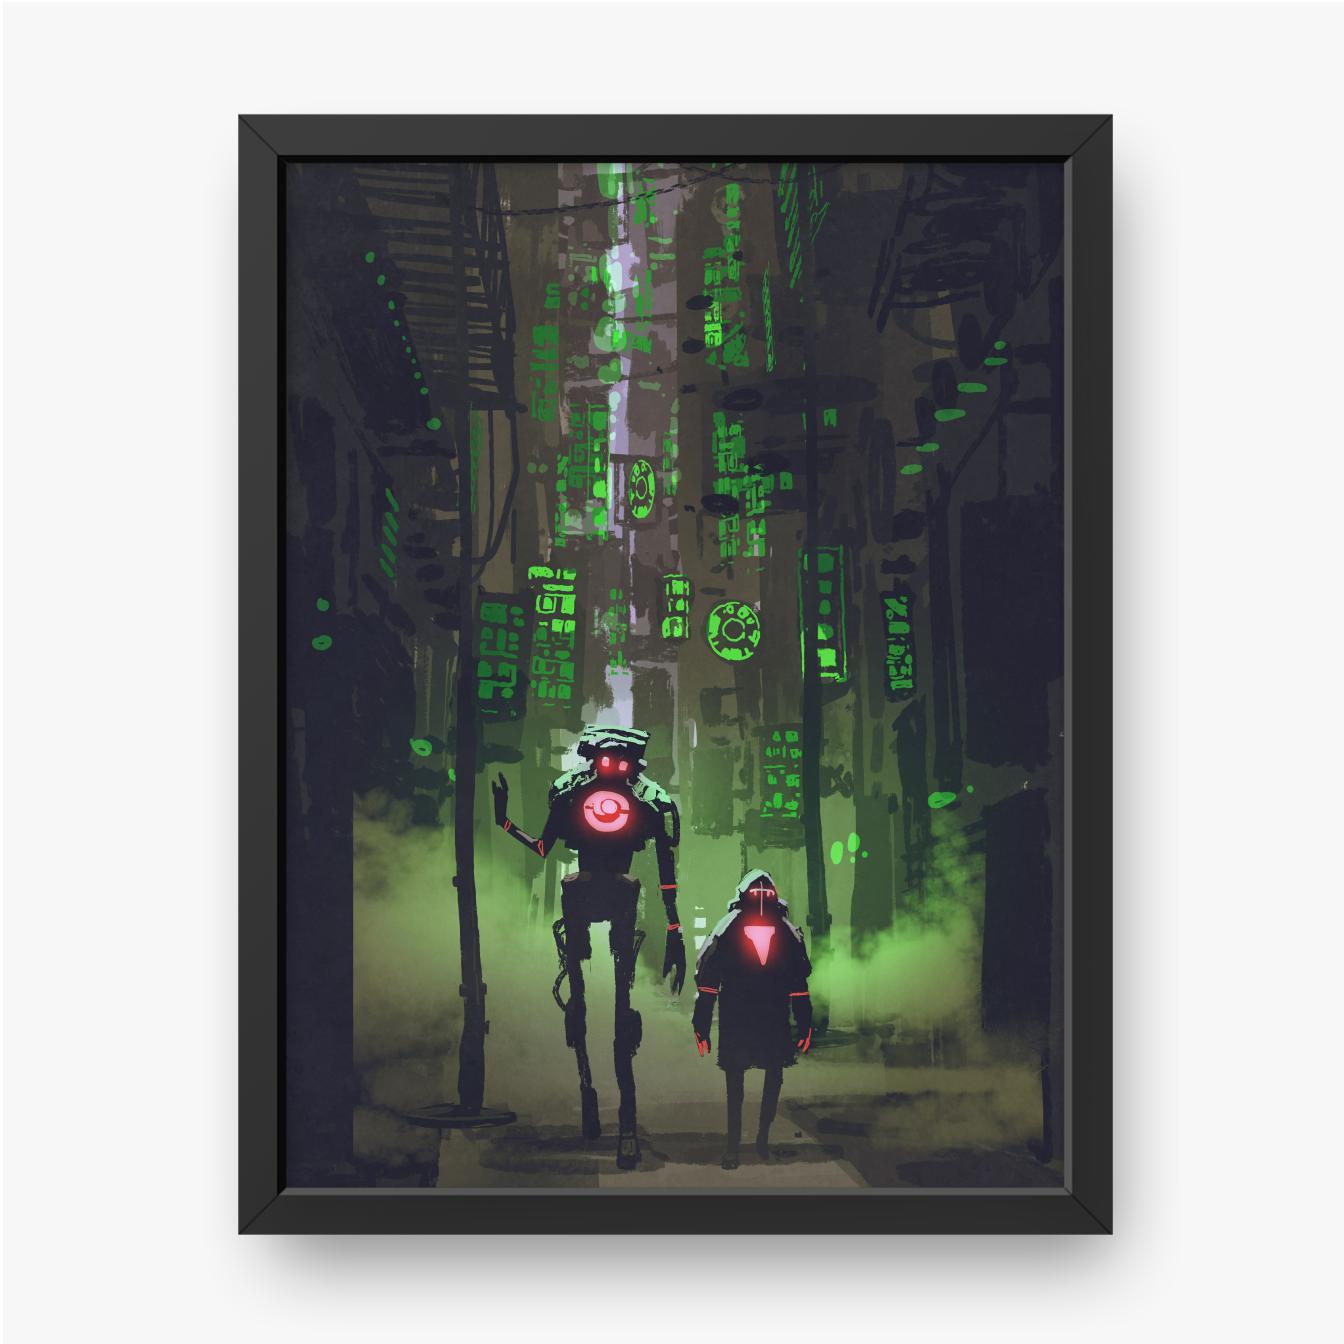 Dwa roboty spacerujące w wąskiej uliczce z zielonymi światłami